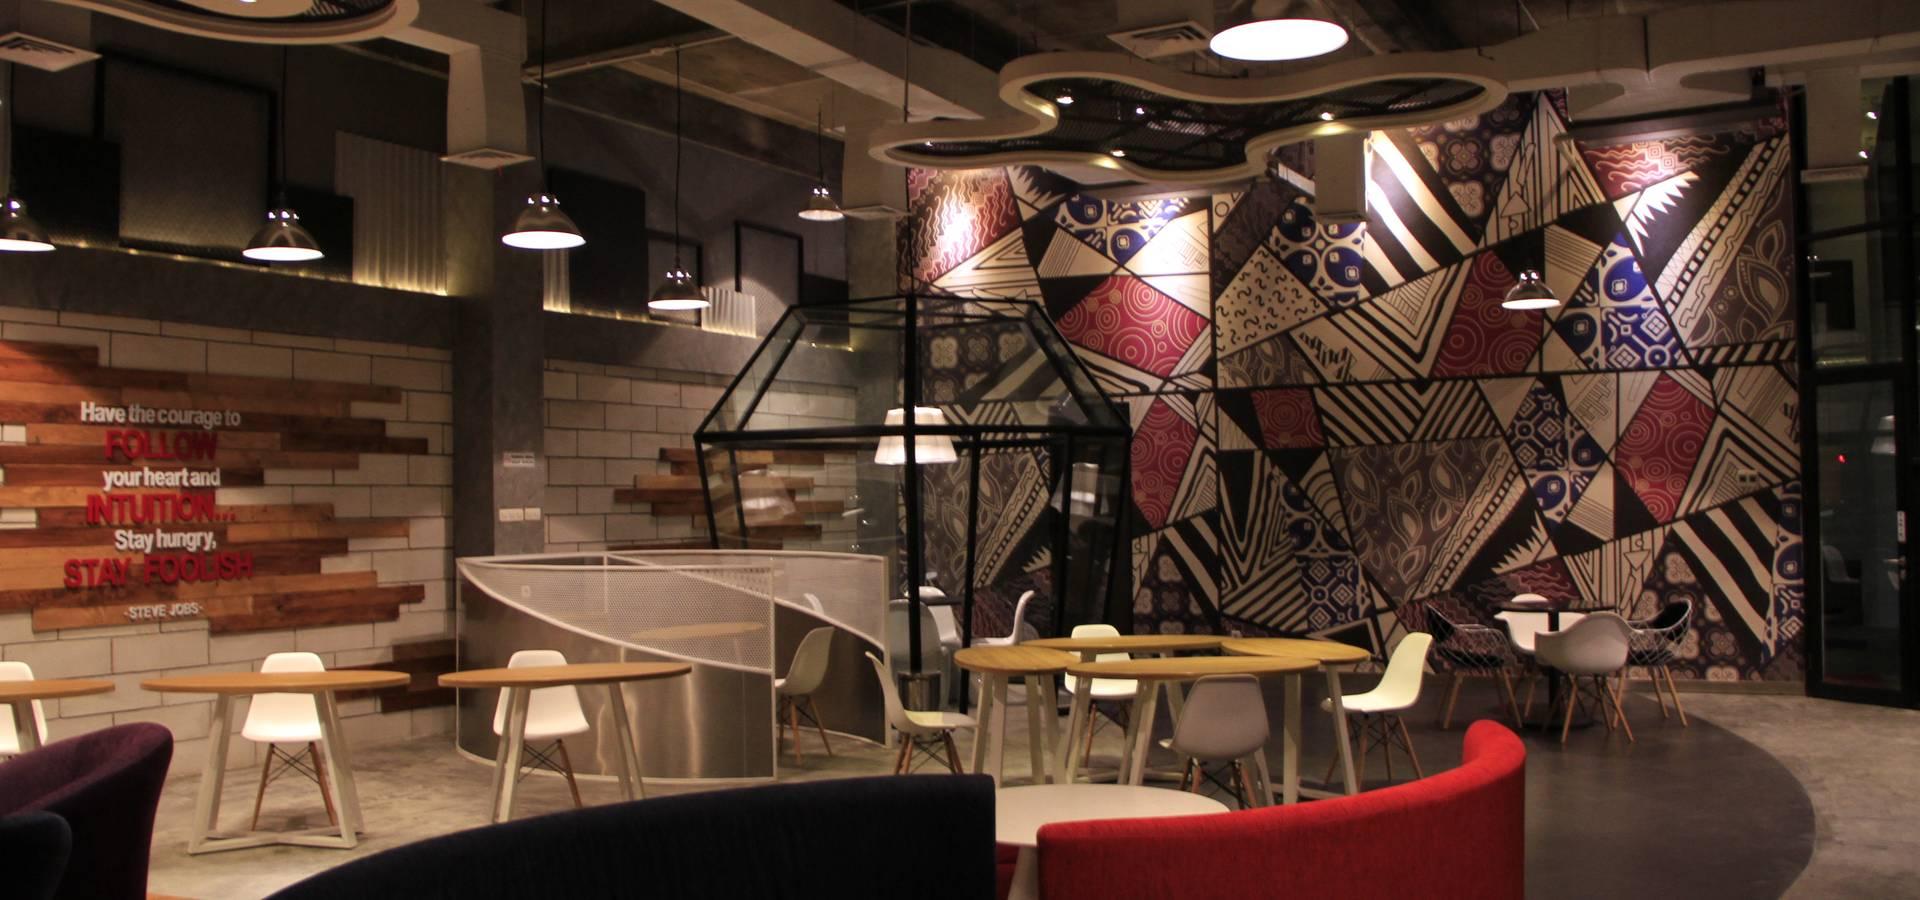 Kottagaris interior design consultant